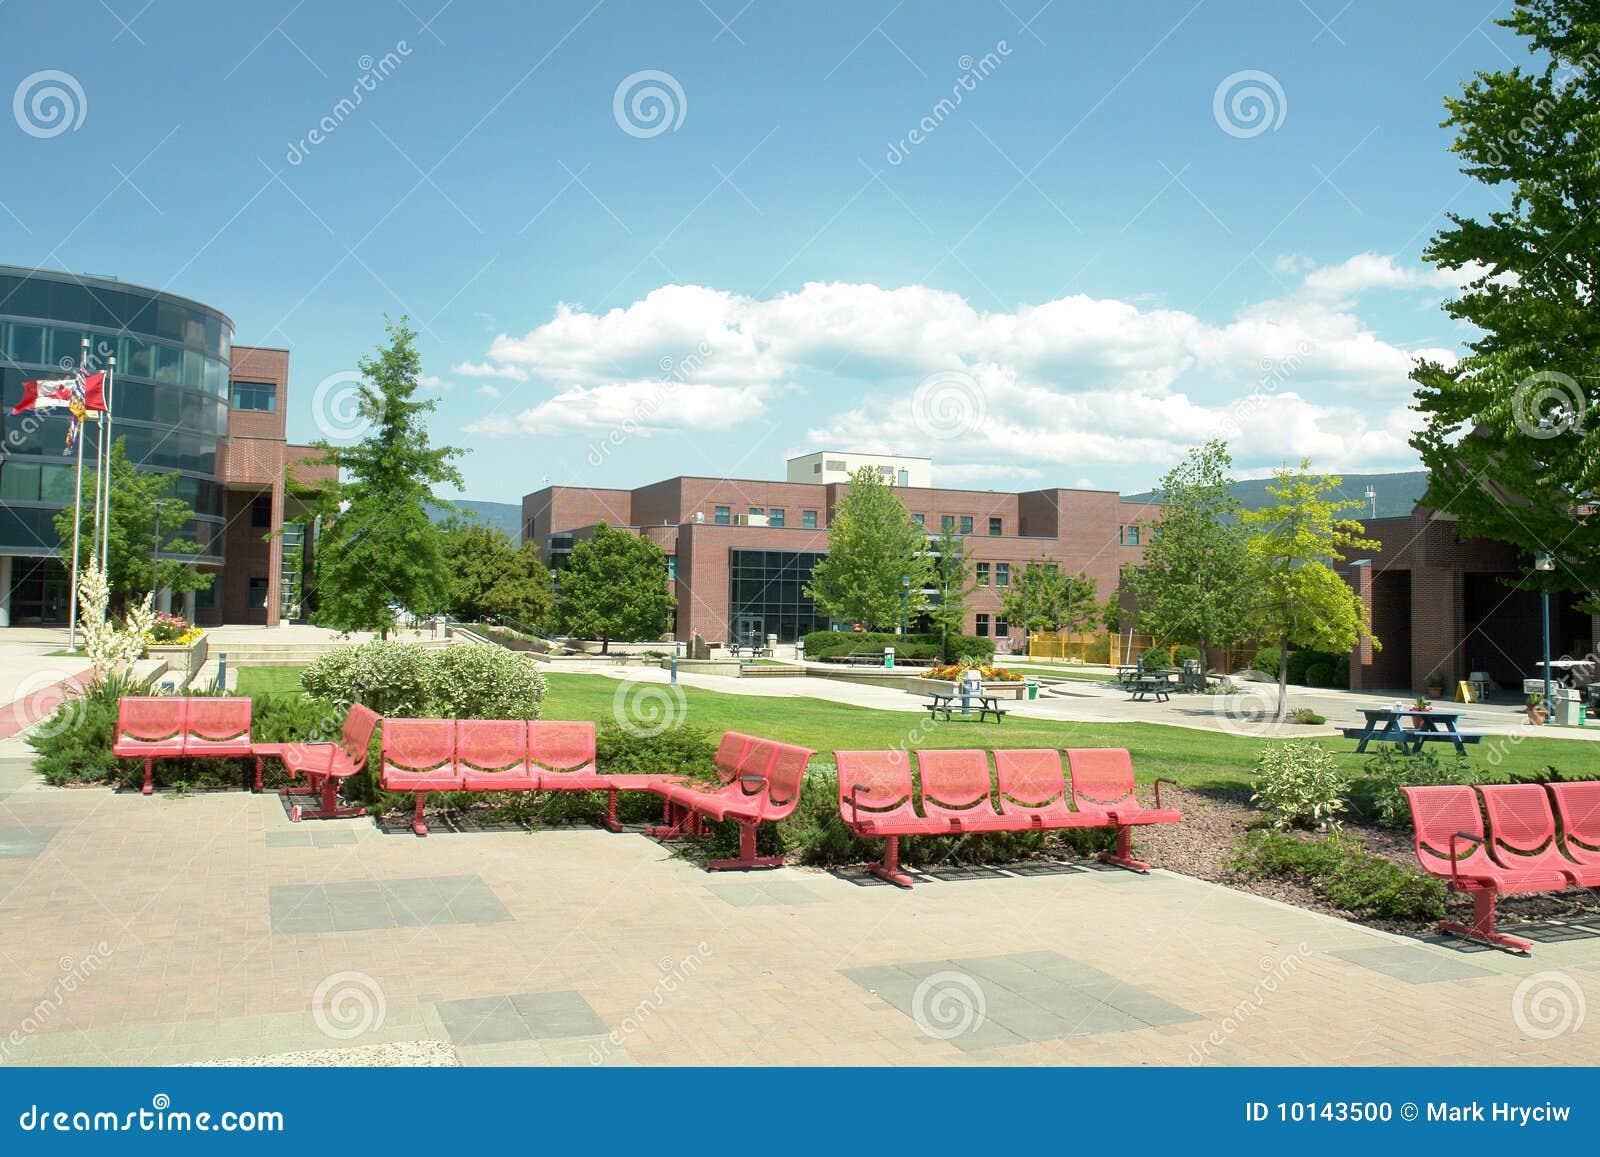 Campus de UBC Okanagan